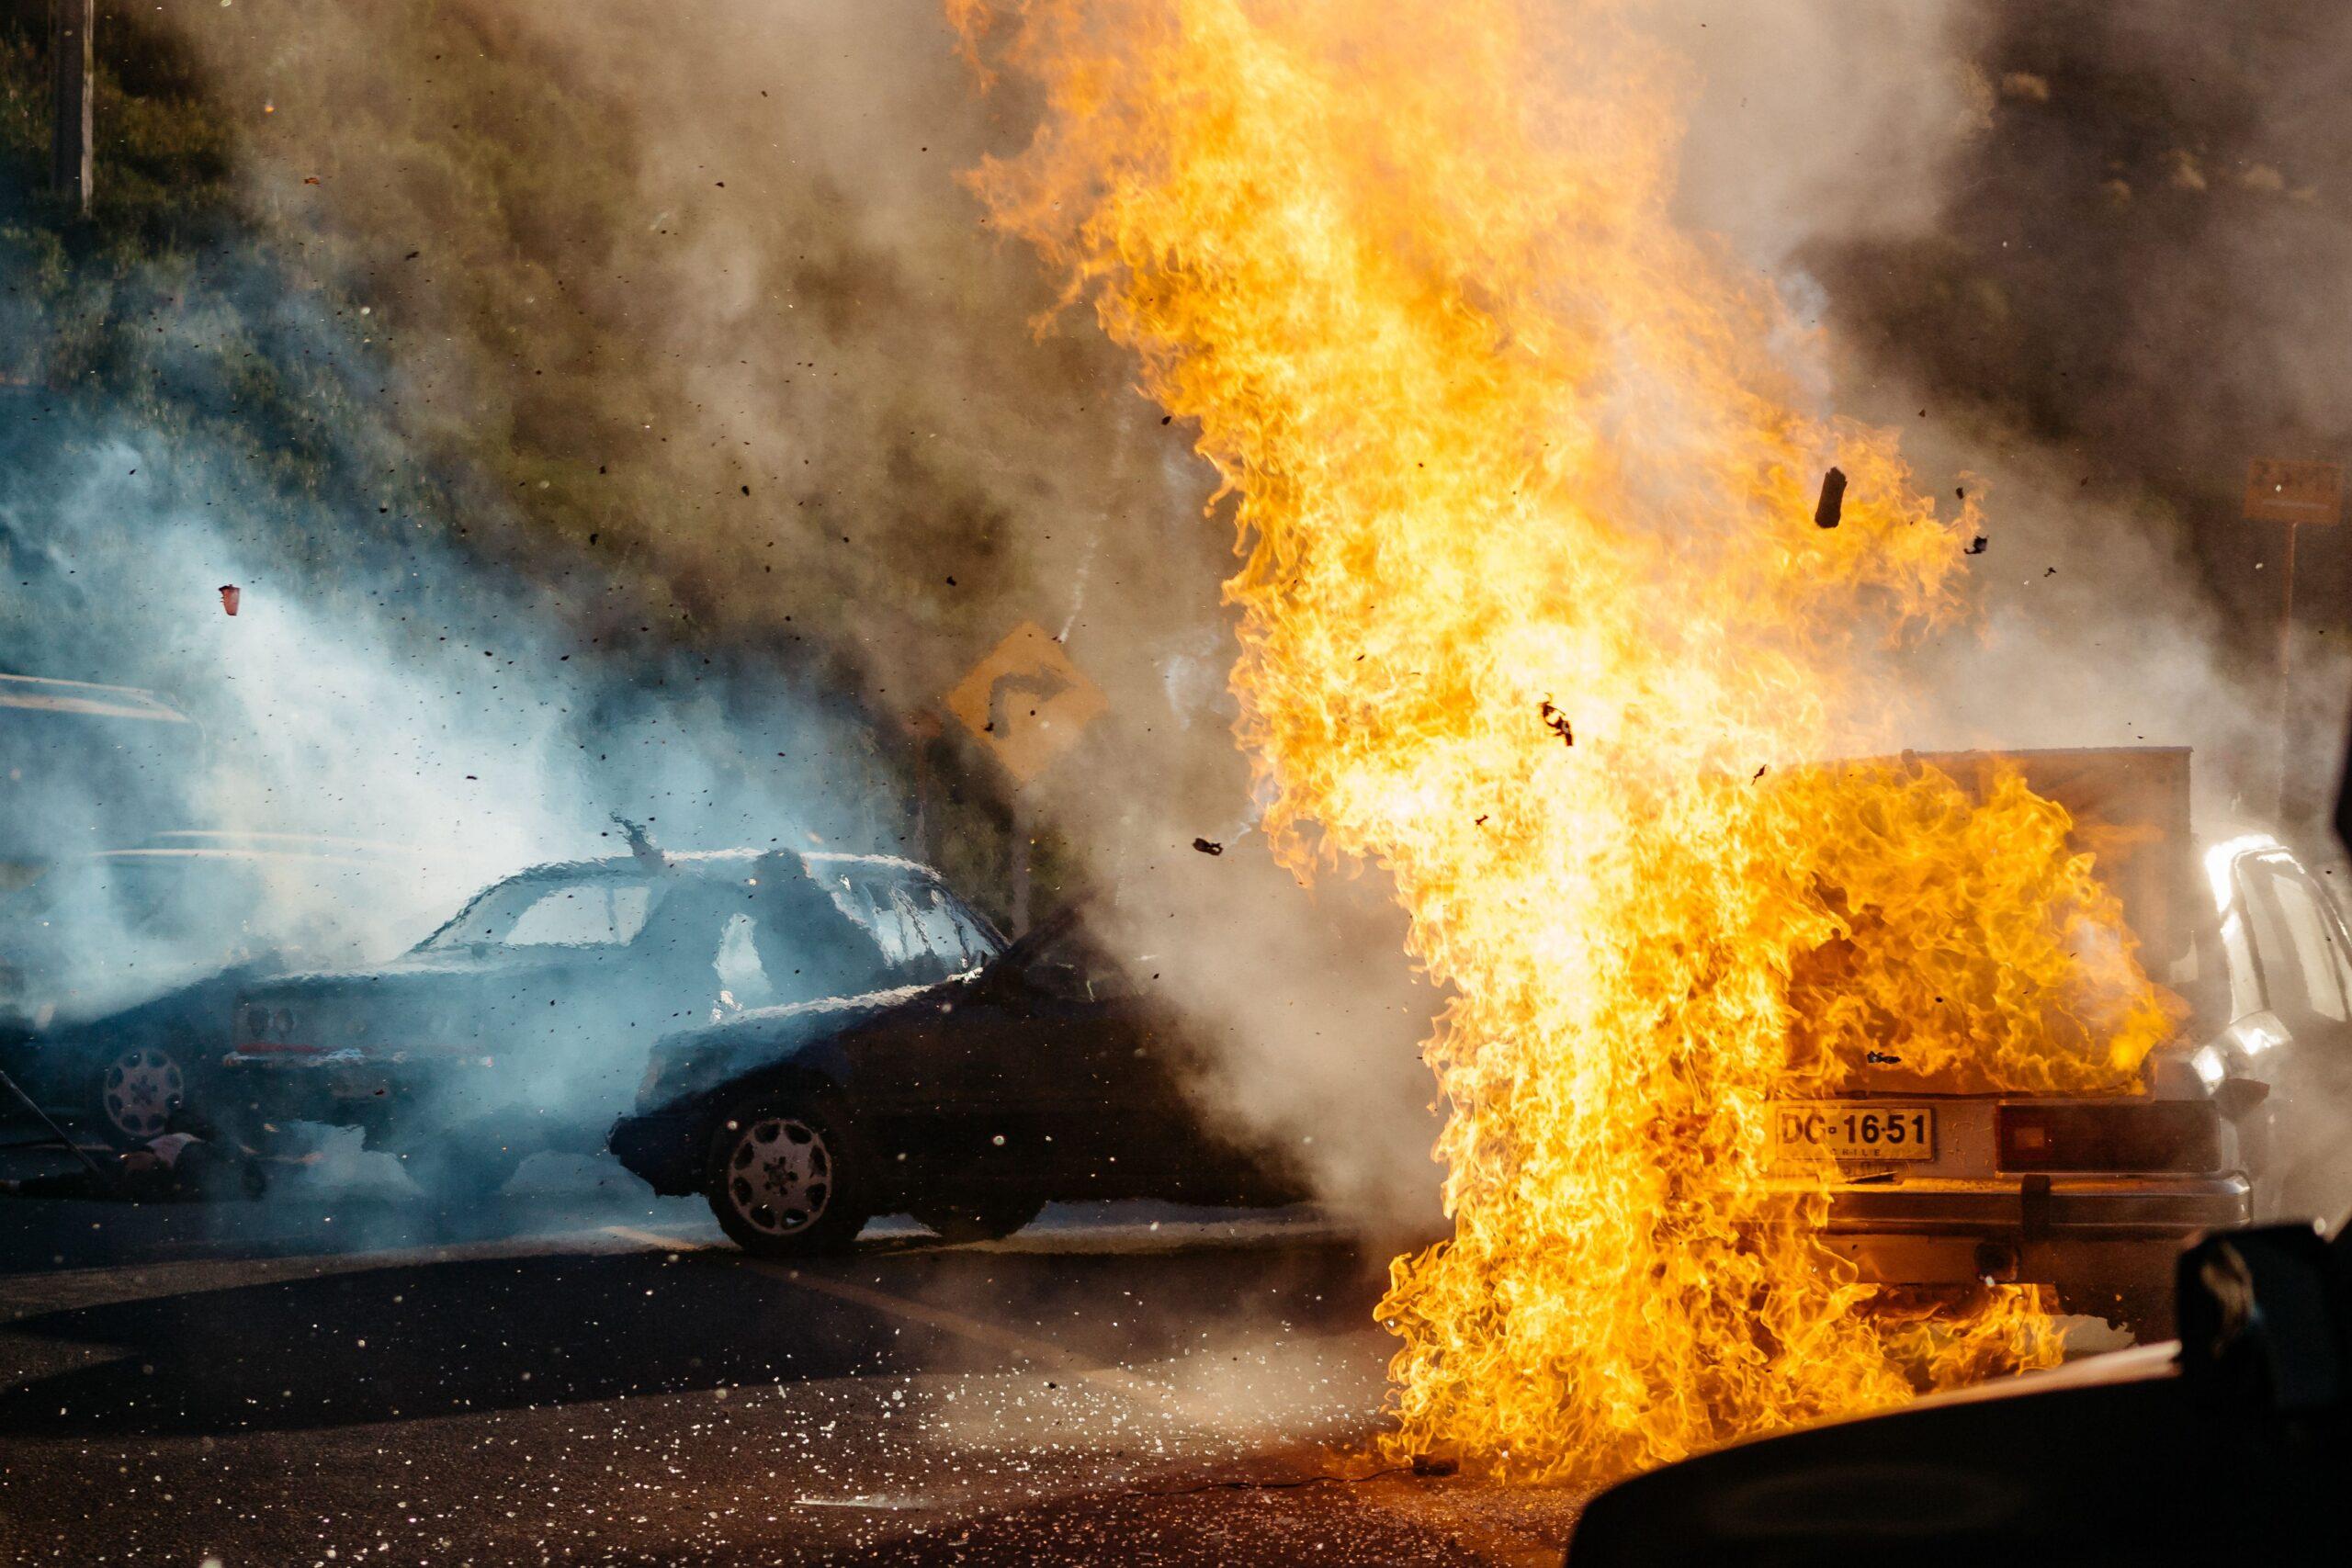 Matar a Pinochet de Juan Ignacio Sabatini en el Festival de Cine  Iberoamericano de Huelva y en cines – La Estrategia Del Caracol